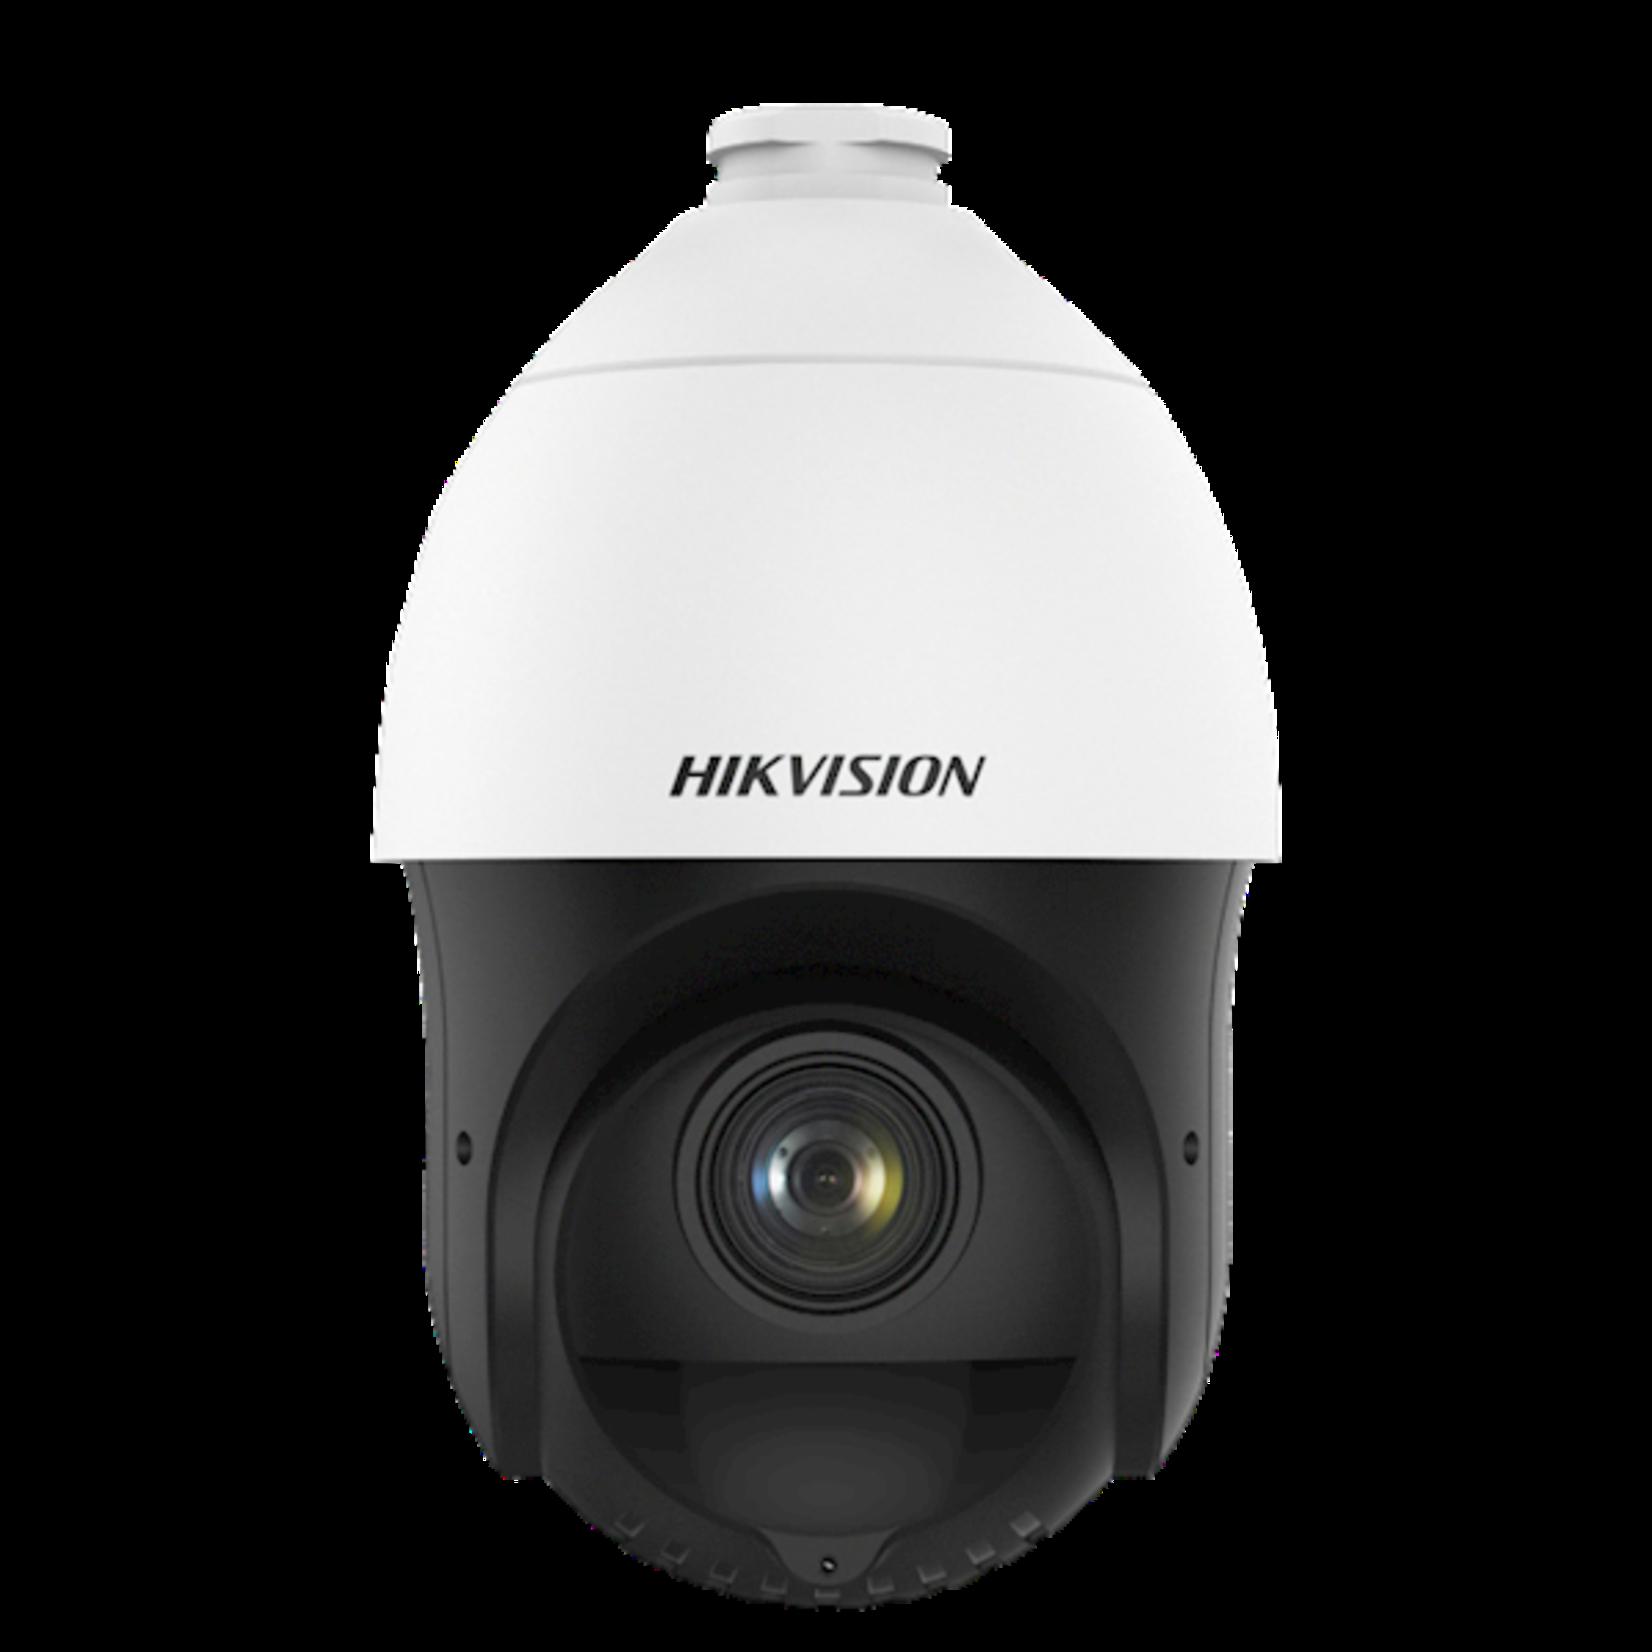 Hikvision DS-2DE4225IW-DE/S5, Hikvision PTZ 2MP, 25x zoom, 100m IR, AcuSense